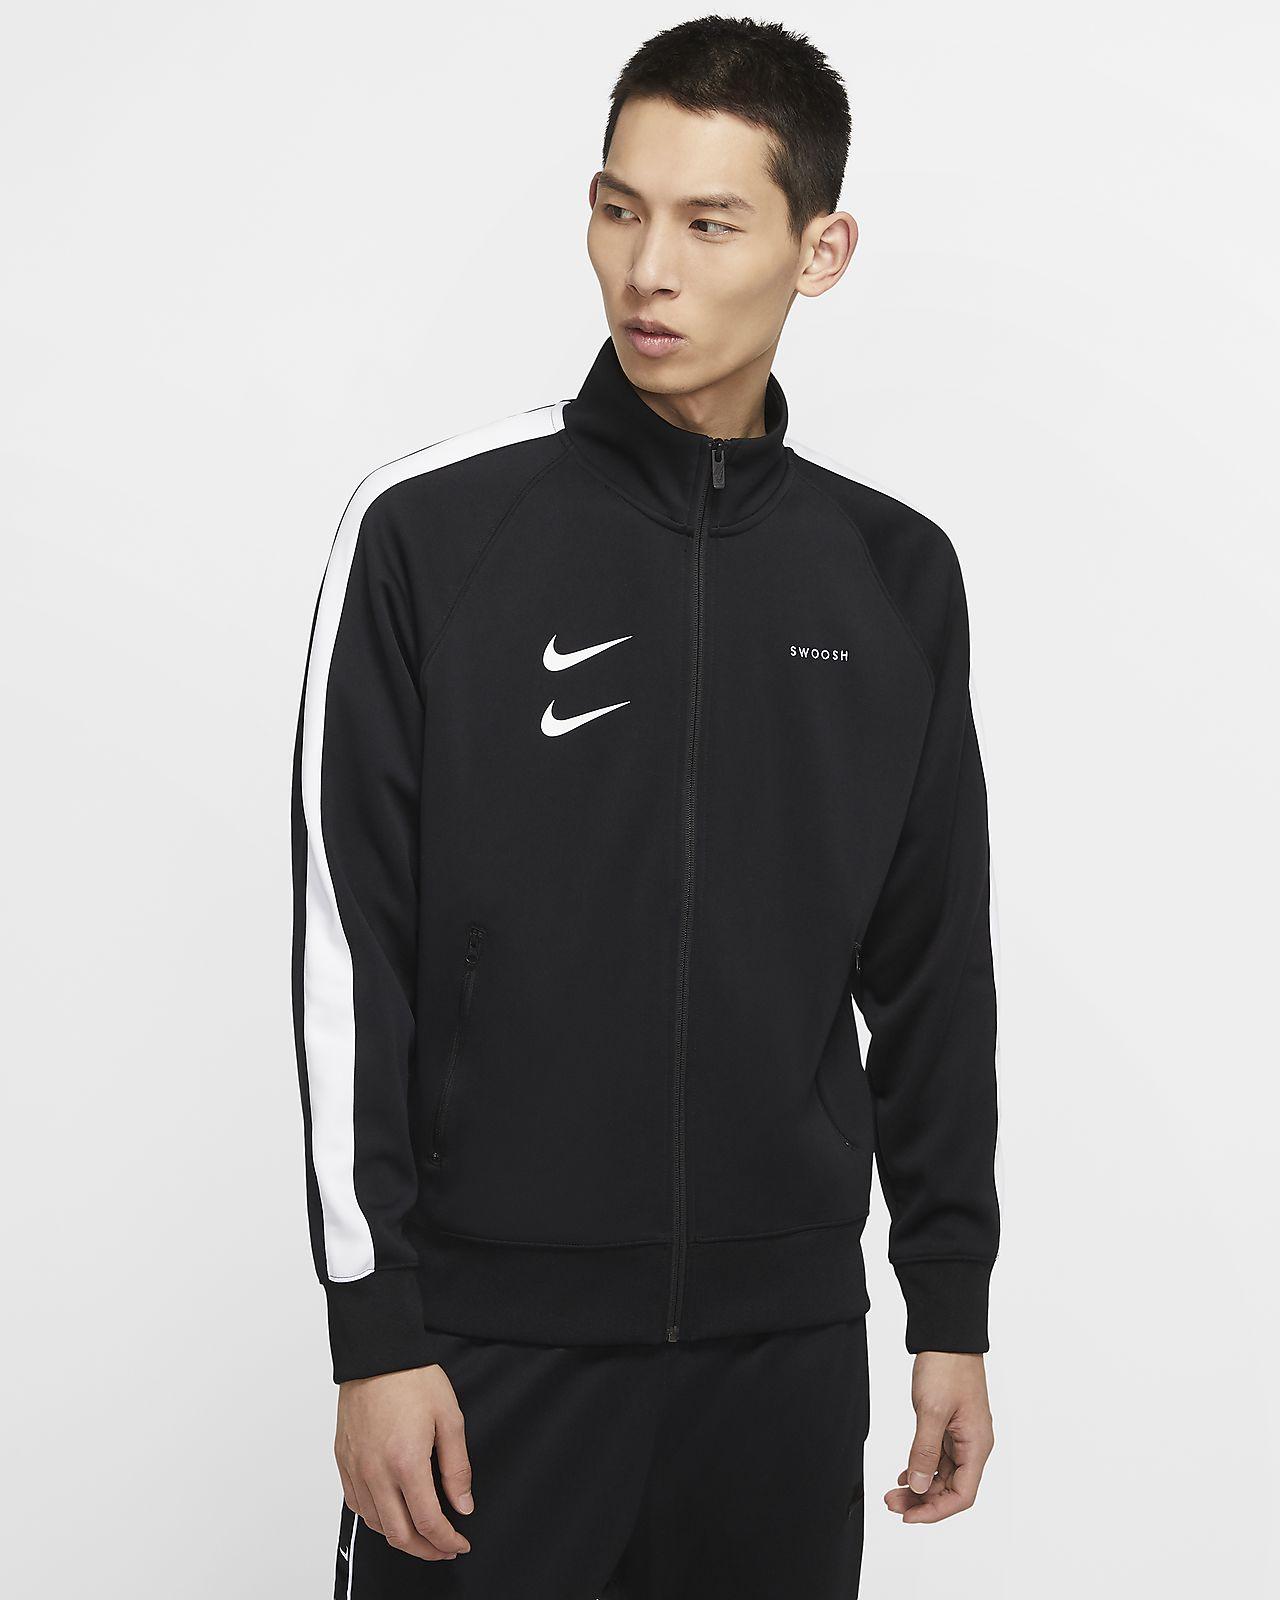 Nike Sportswear Swoosh 男子夹克